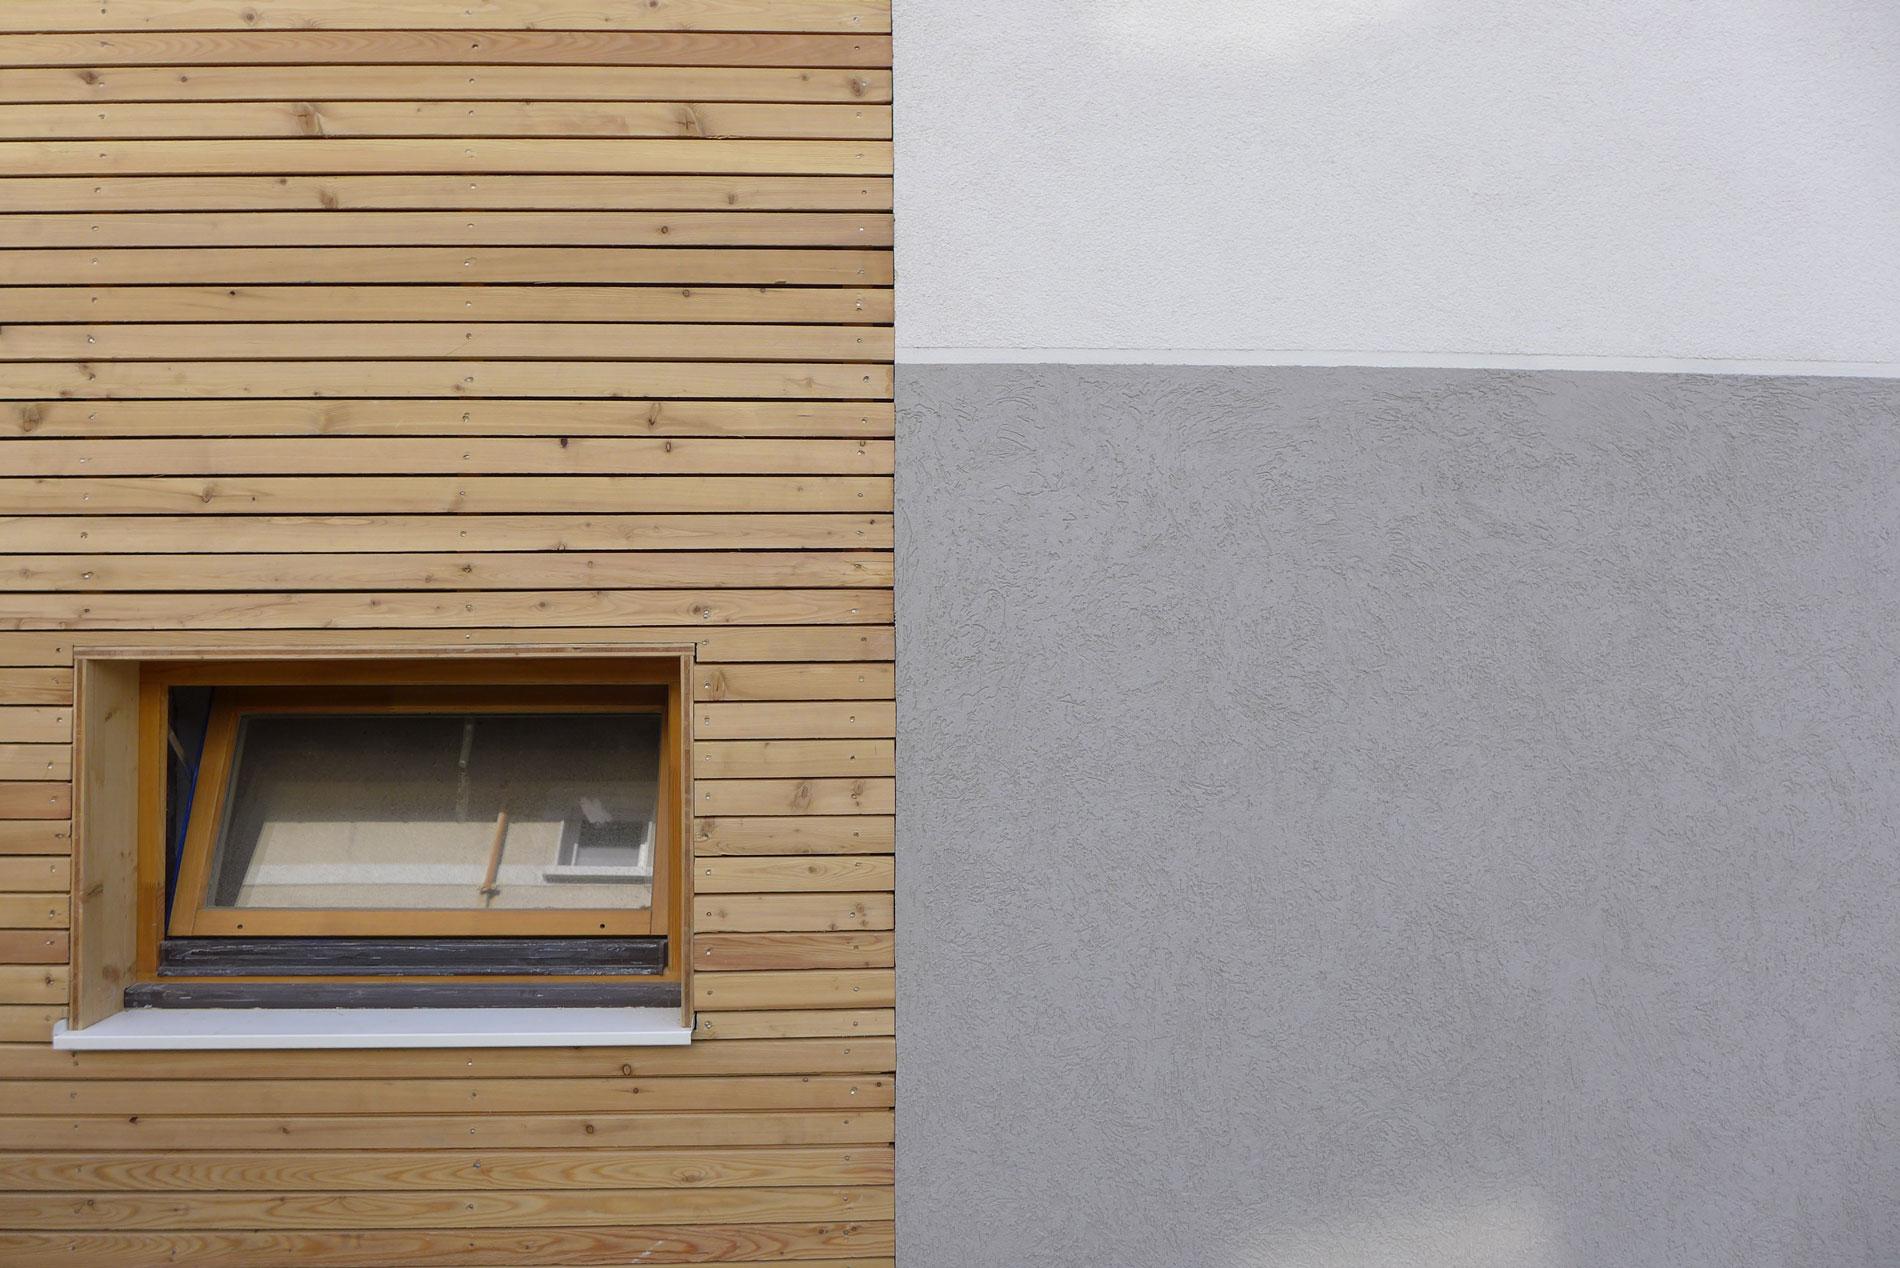 asb-architecture-savoie-chambery-renovation-maison-de-ville-bois-enduit-5